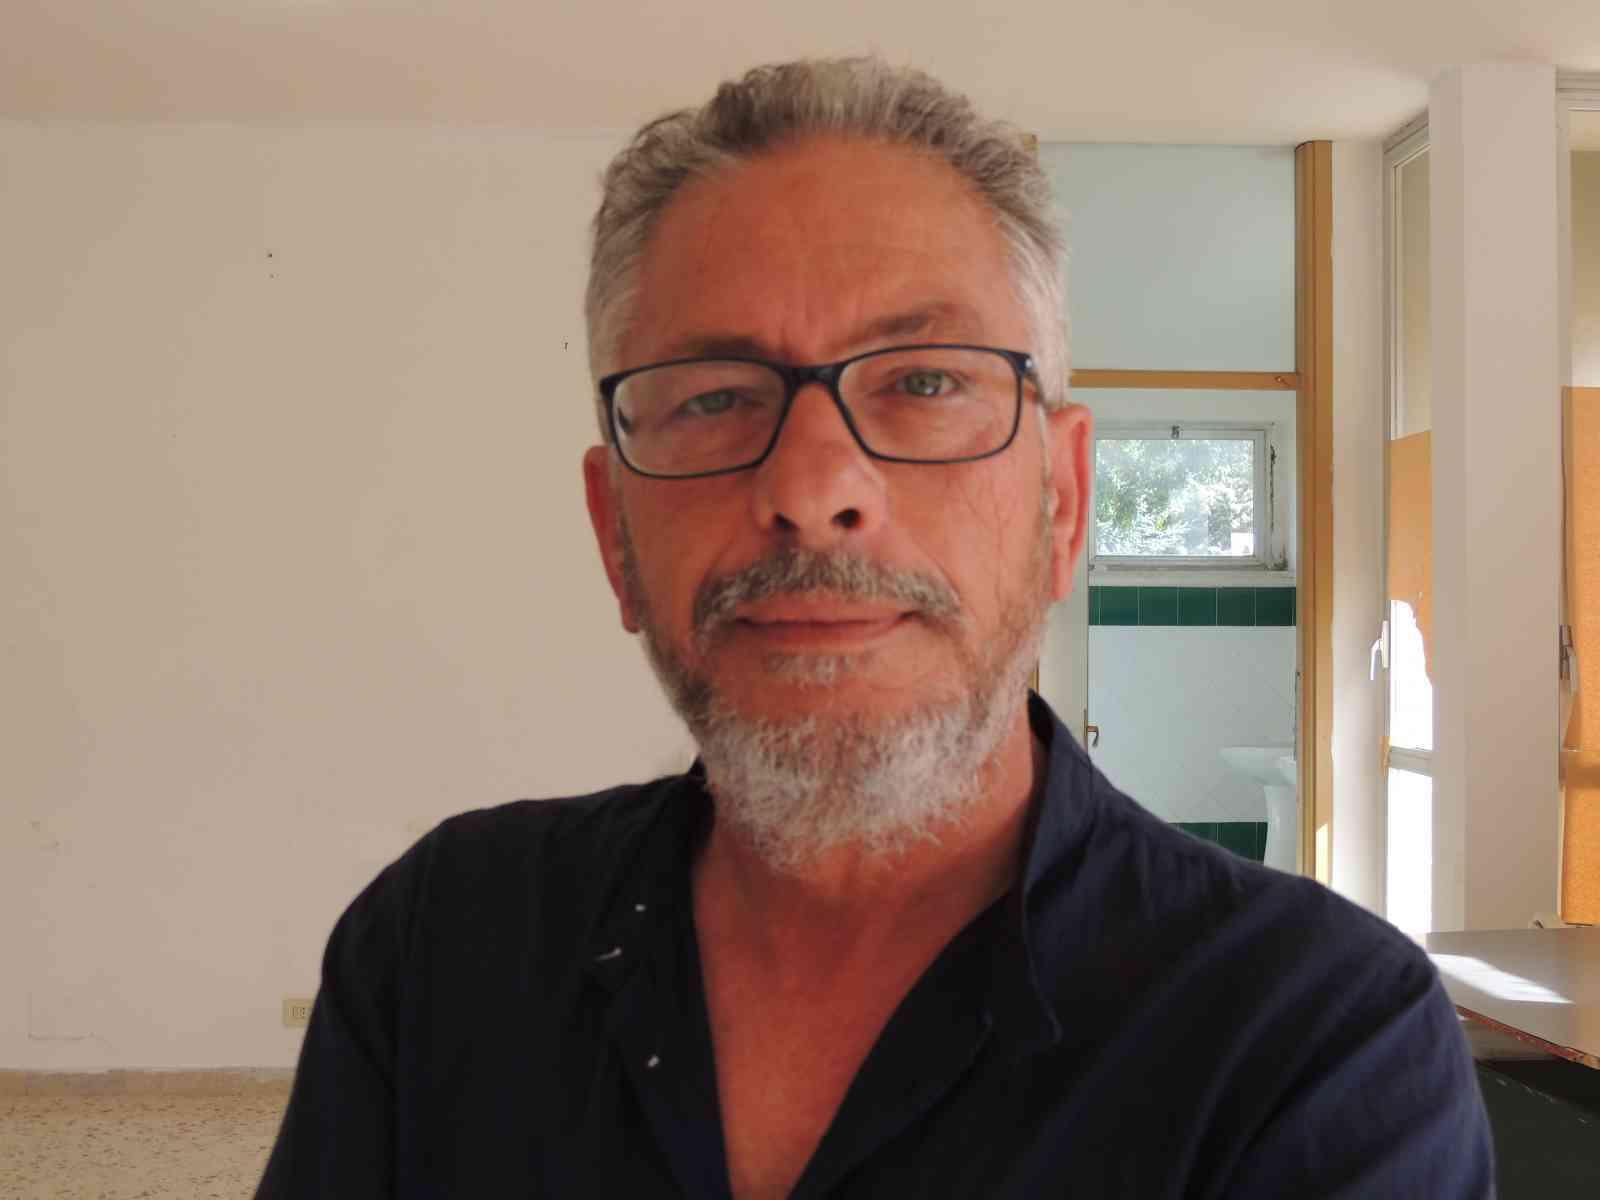 Immagine articolo: Poggioreale, Salvatore Nicastro si è dimesso dalla carica di Presidente del consiglio comunale di Poggioreale